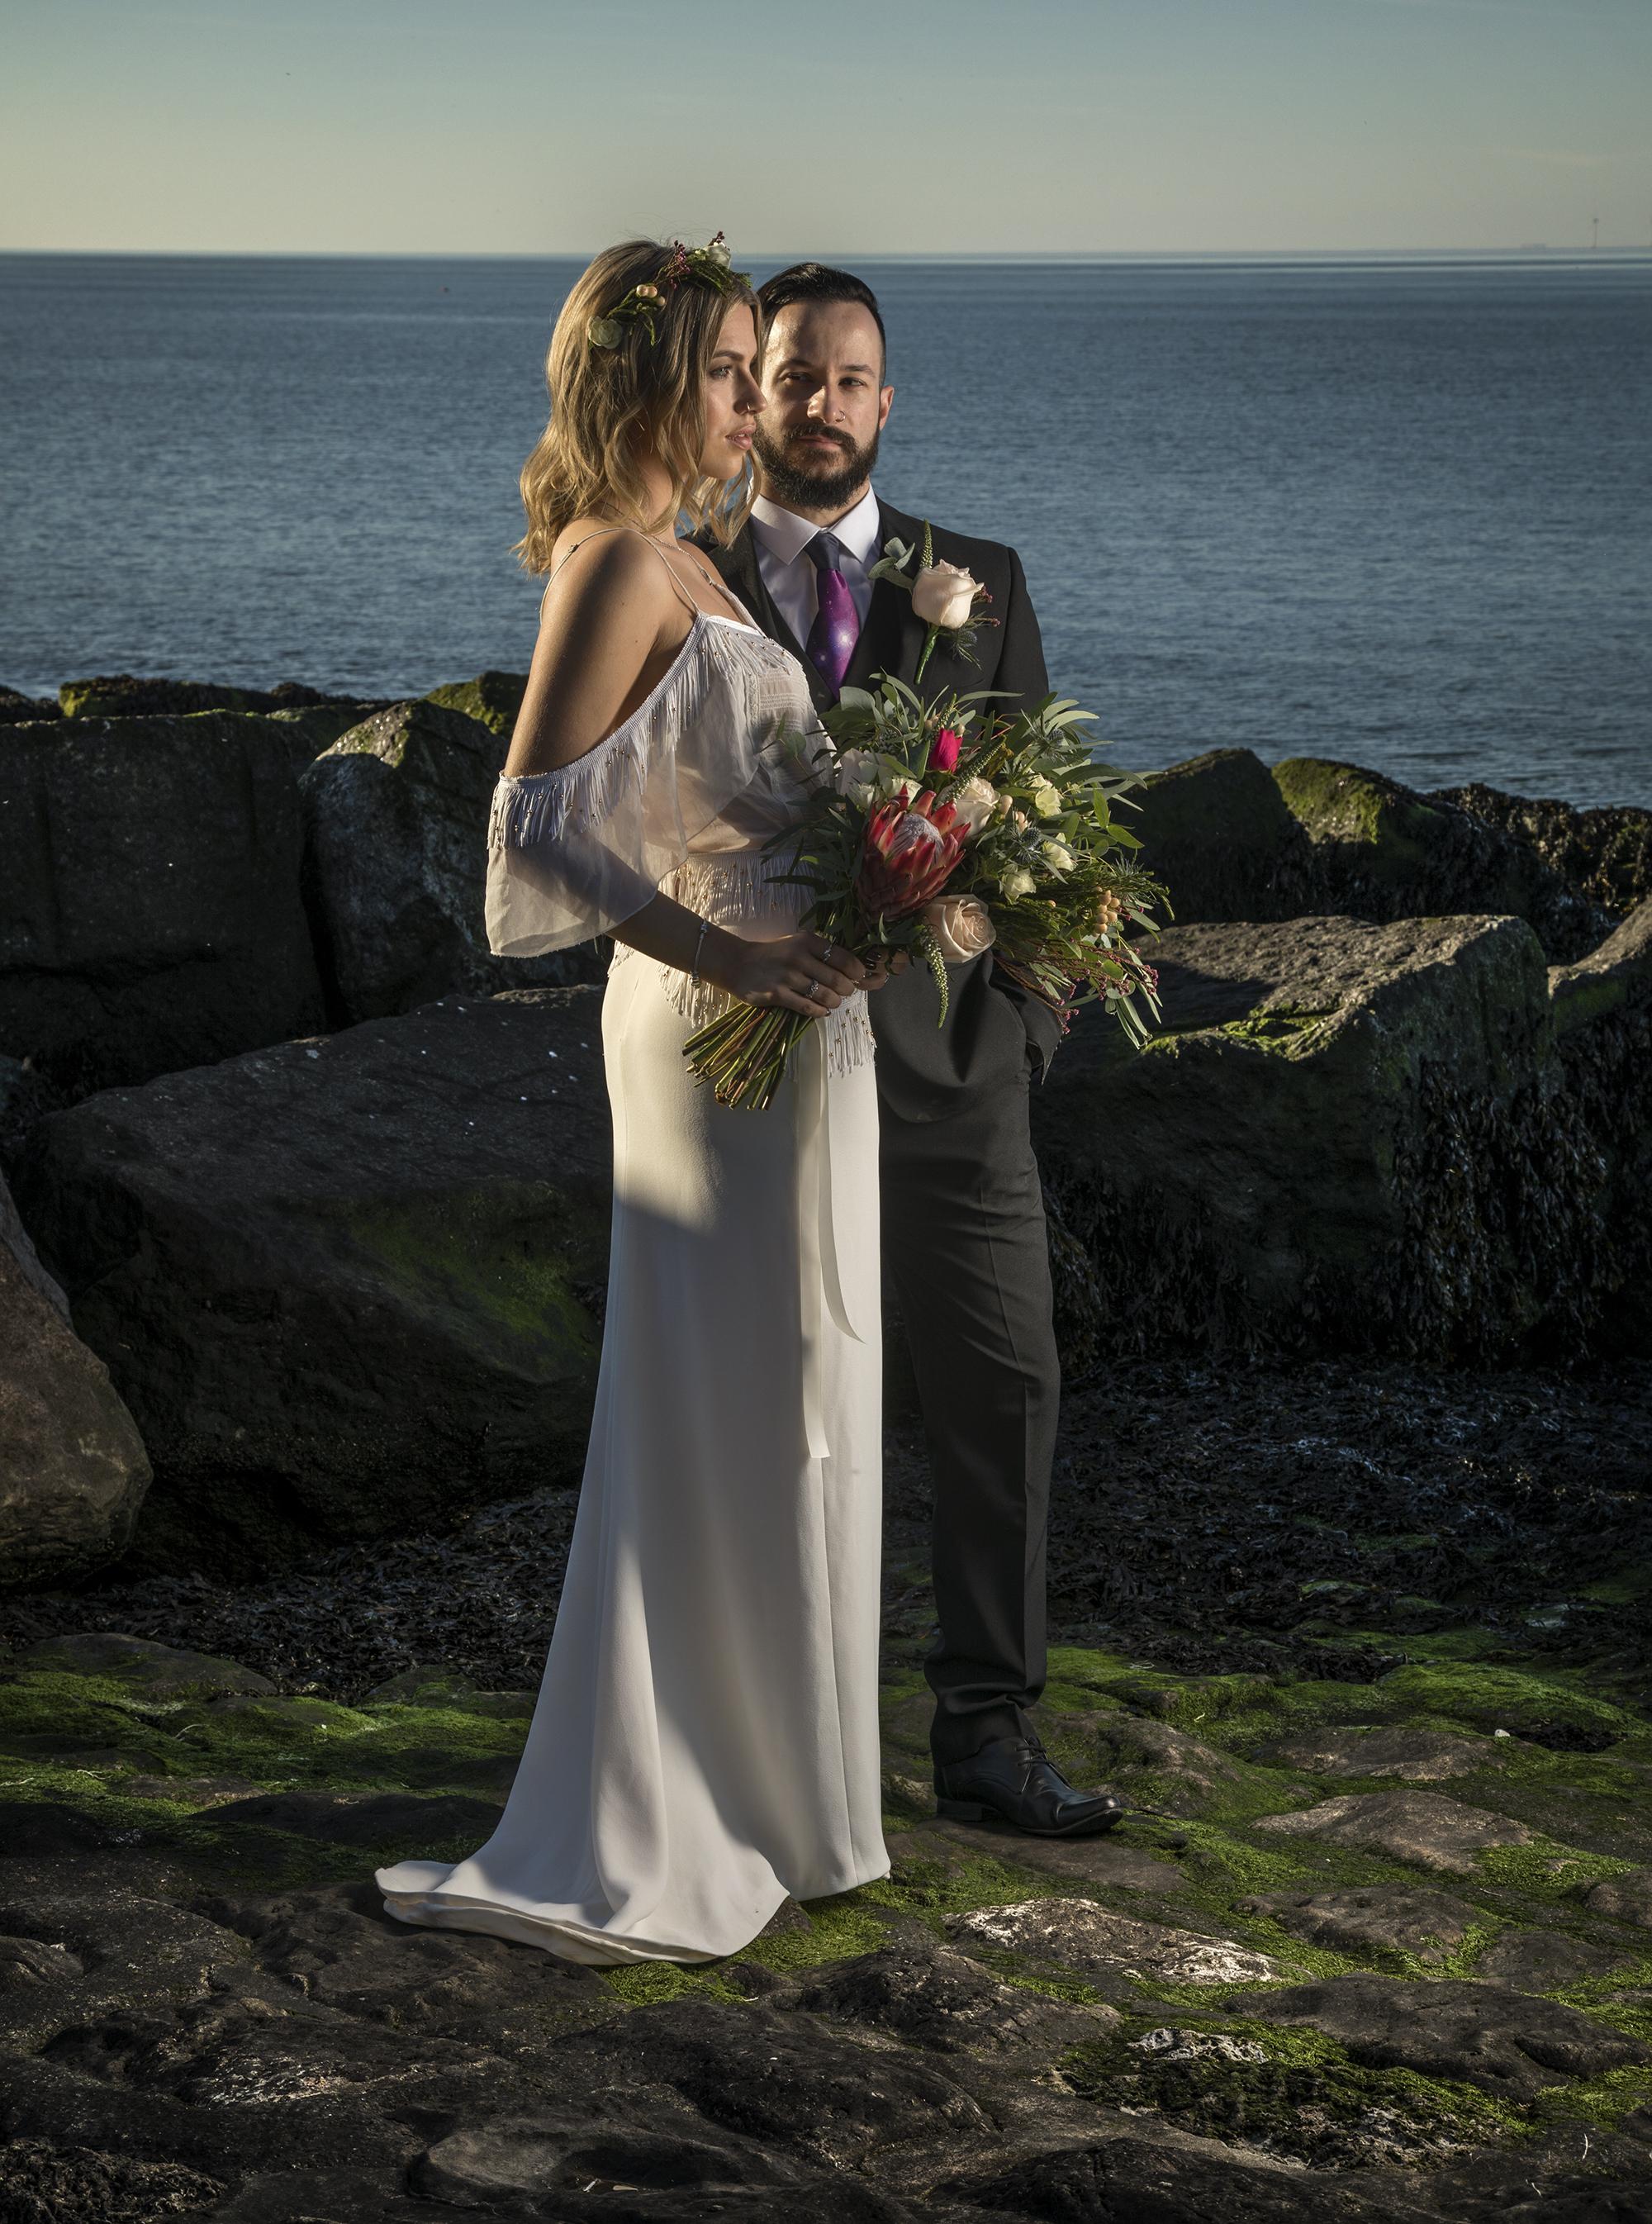 Wedding image at Reculver, Kent